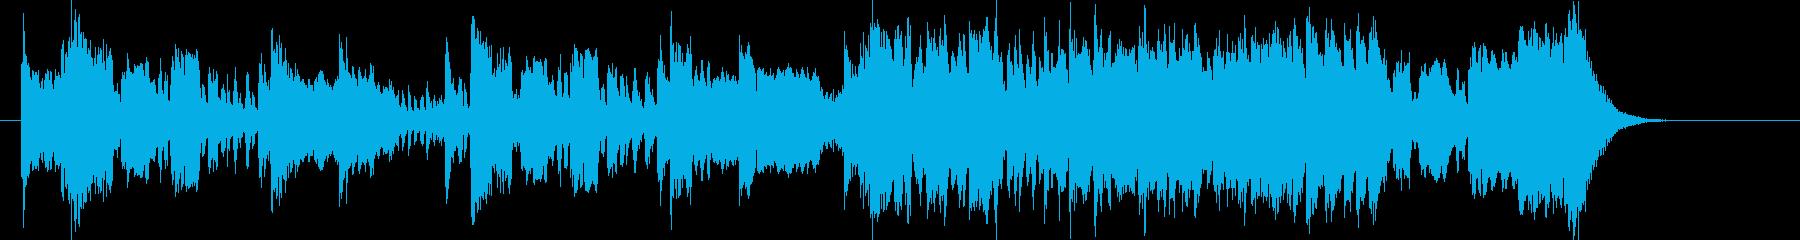 壮大で迫力あるトランペットジングルの再生済みの波形